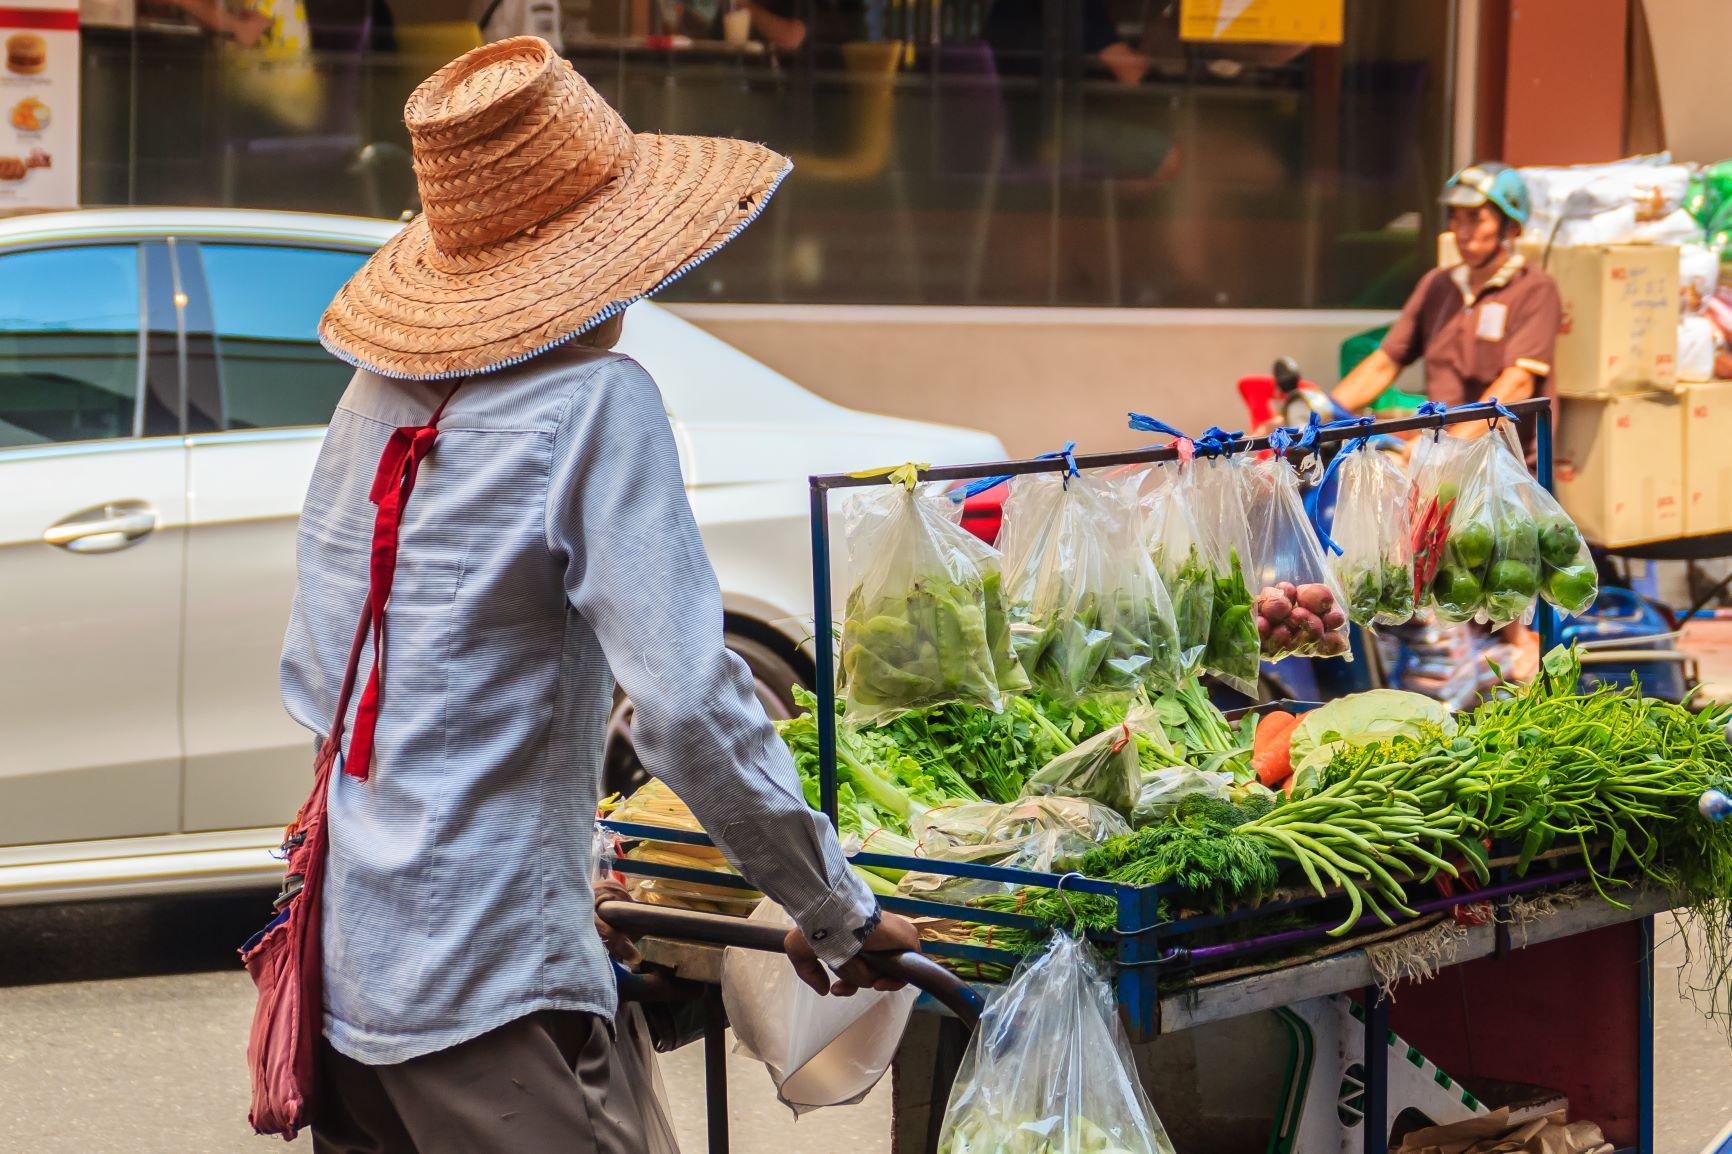 แนะ 9 วิธี รถเร่พุ่มพวง สร้างมาตรฐานอาหารปลอดภัย thaihealth